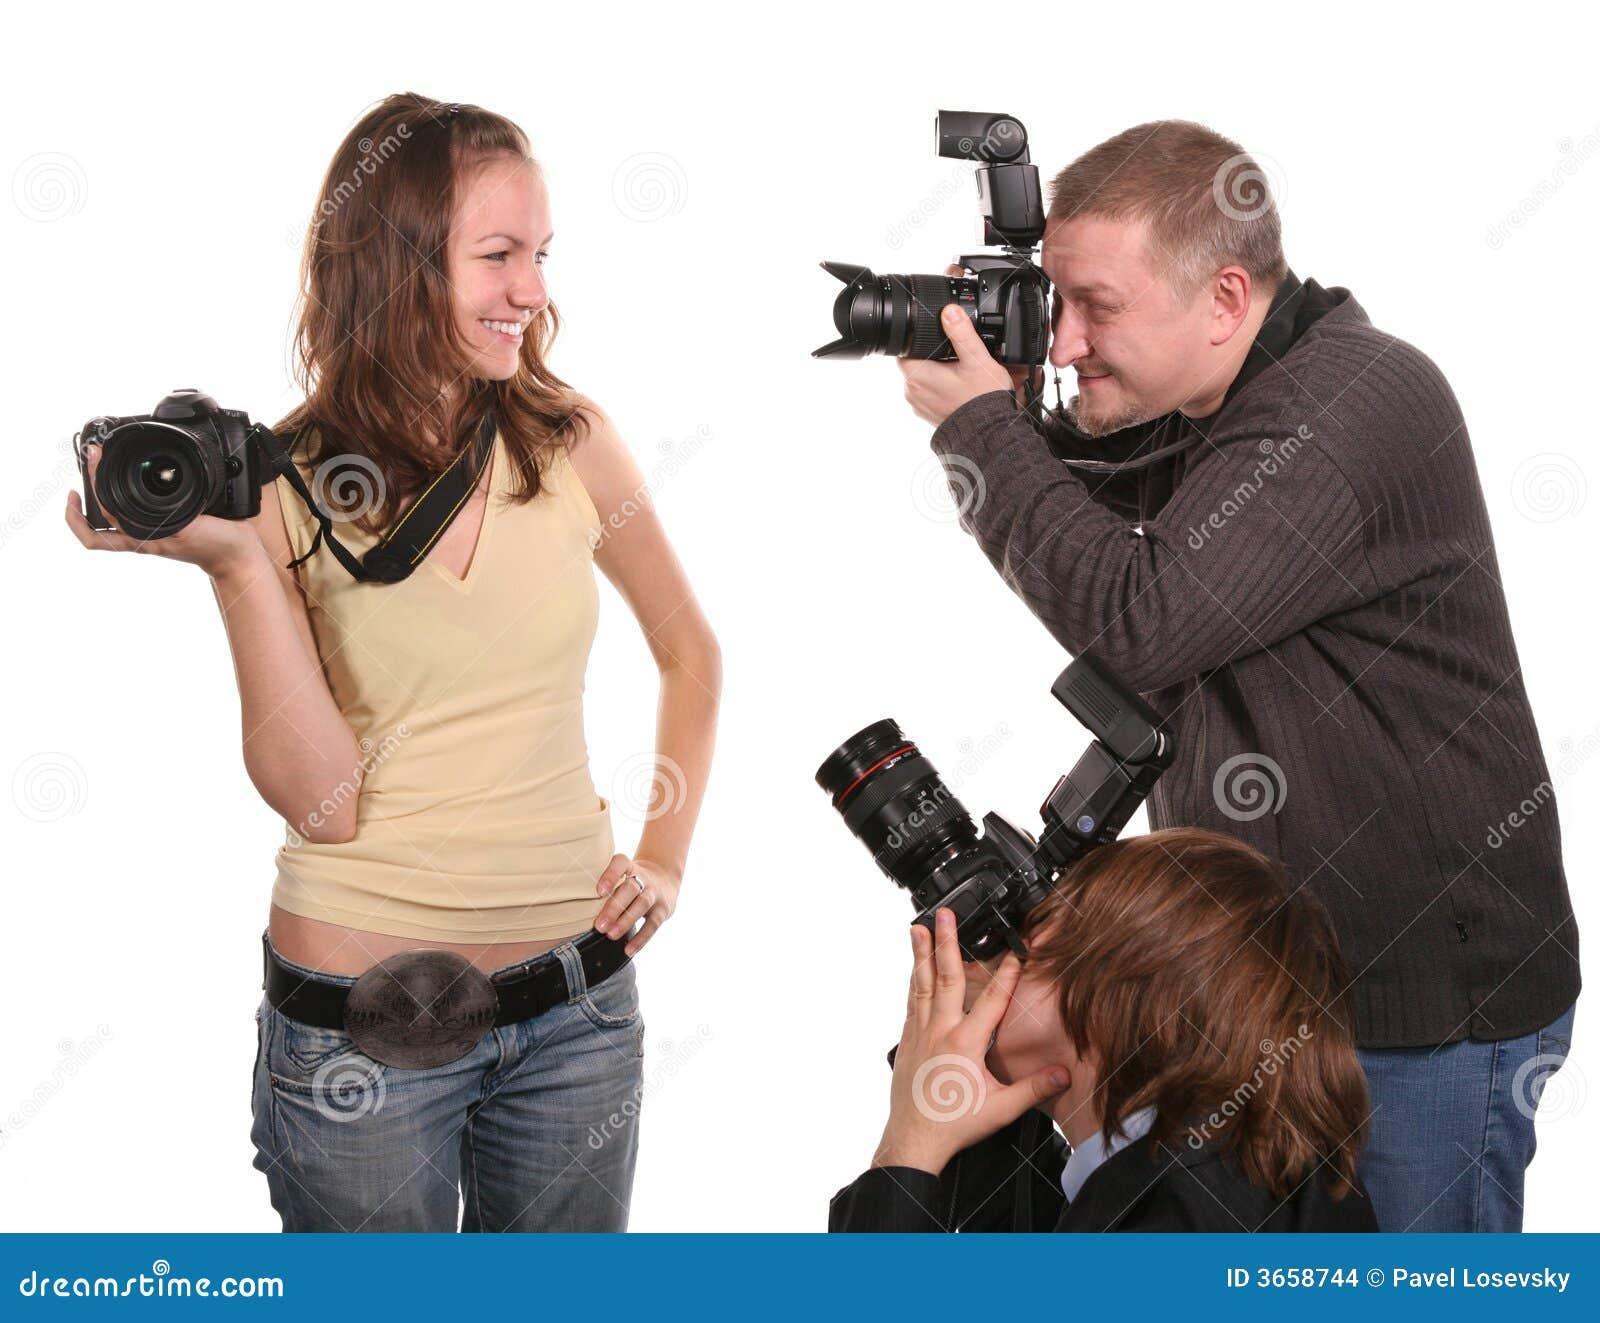 Снять девушку в ебурге 21 фотография